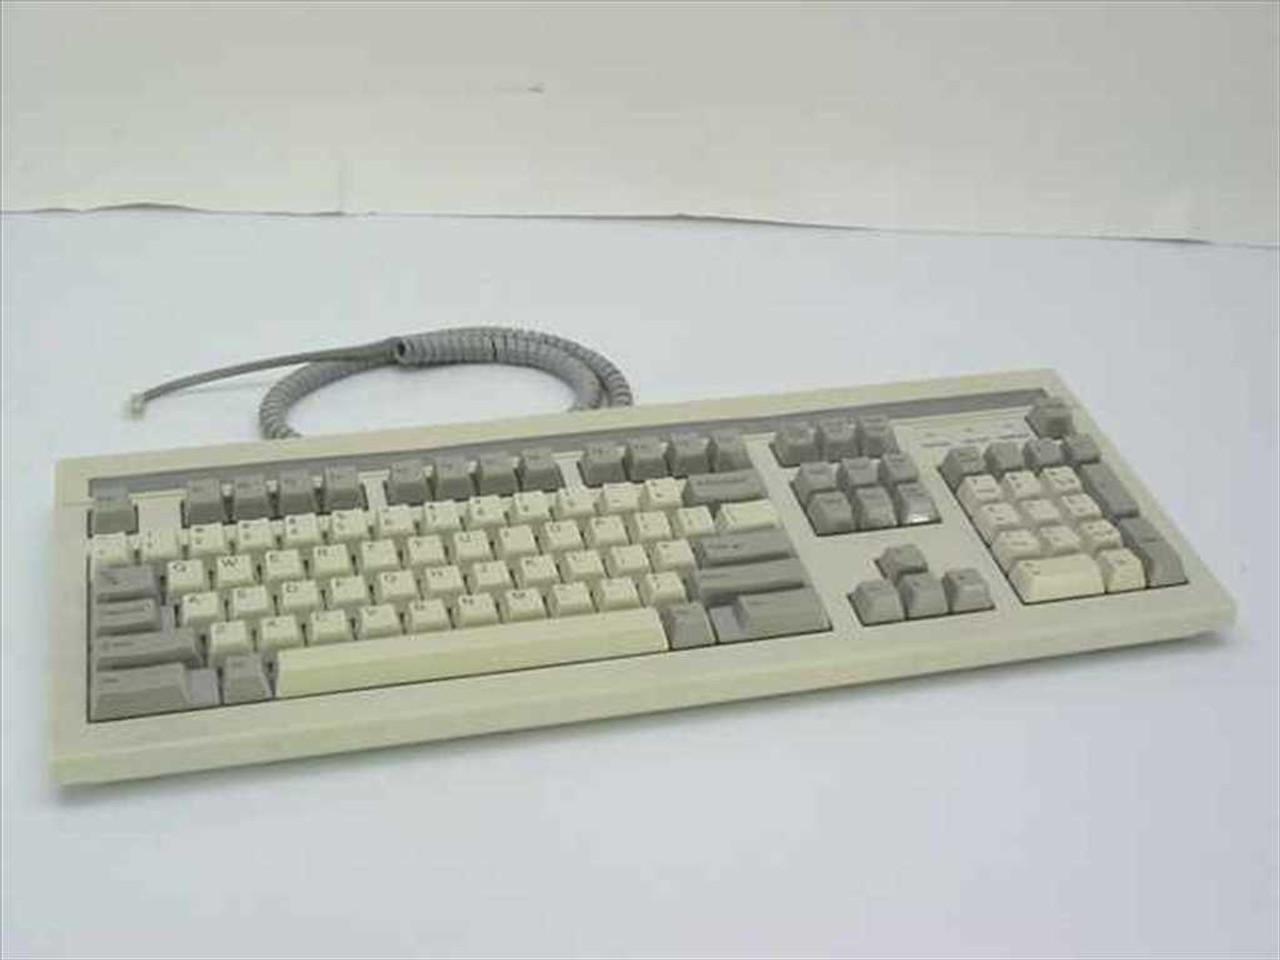 Wyse 901865-01 Keyboard EPC Style C RJ-9 12 Function Keys